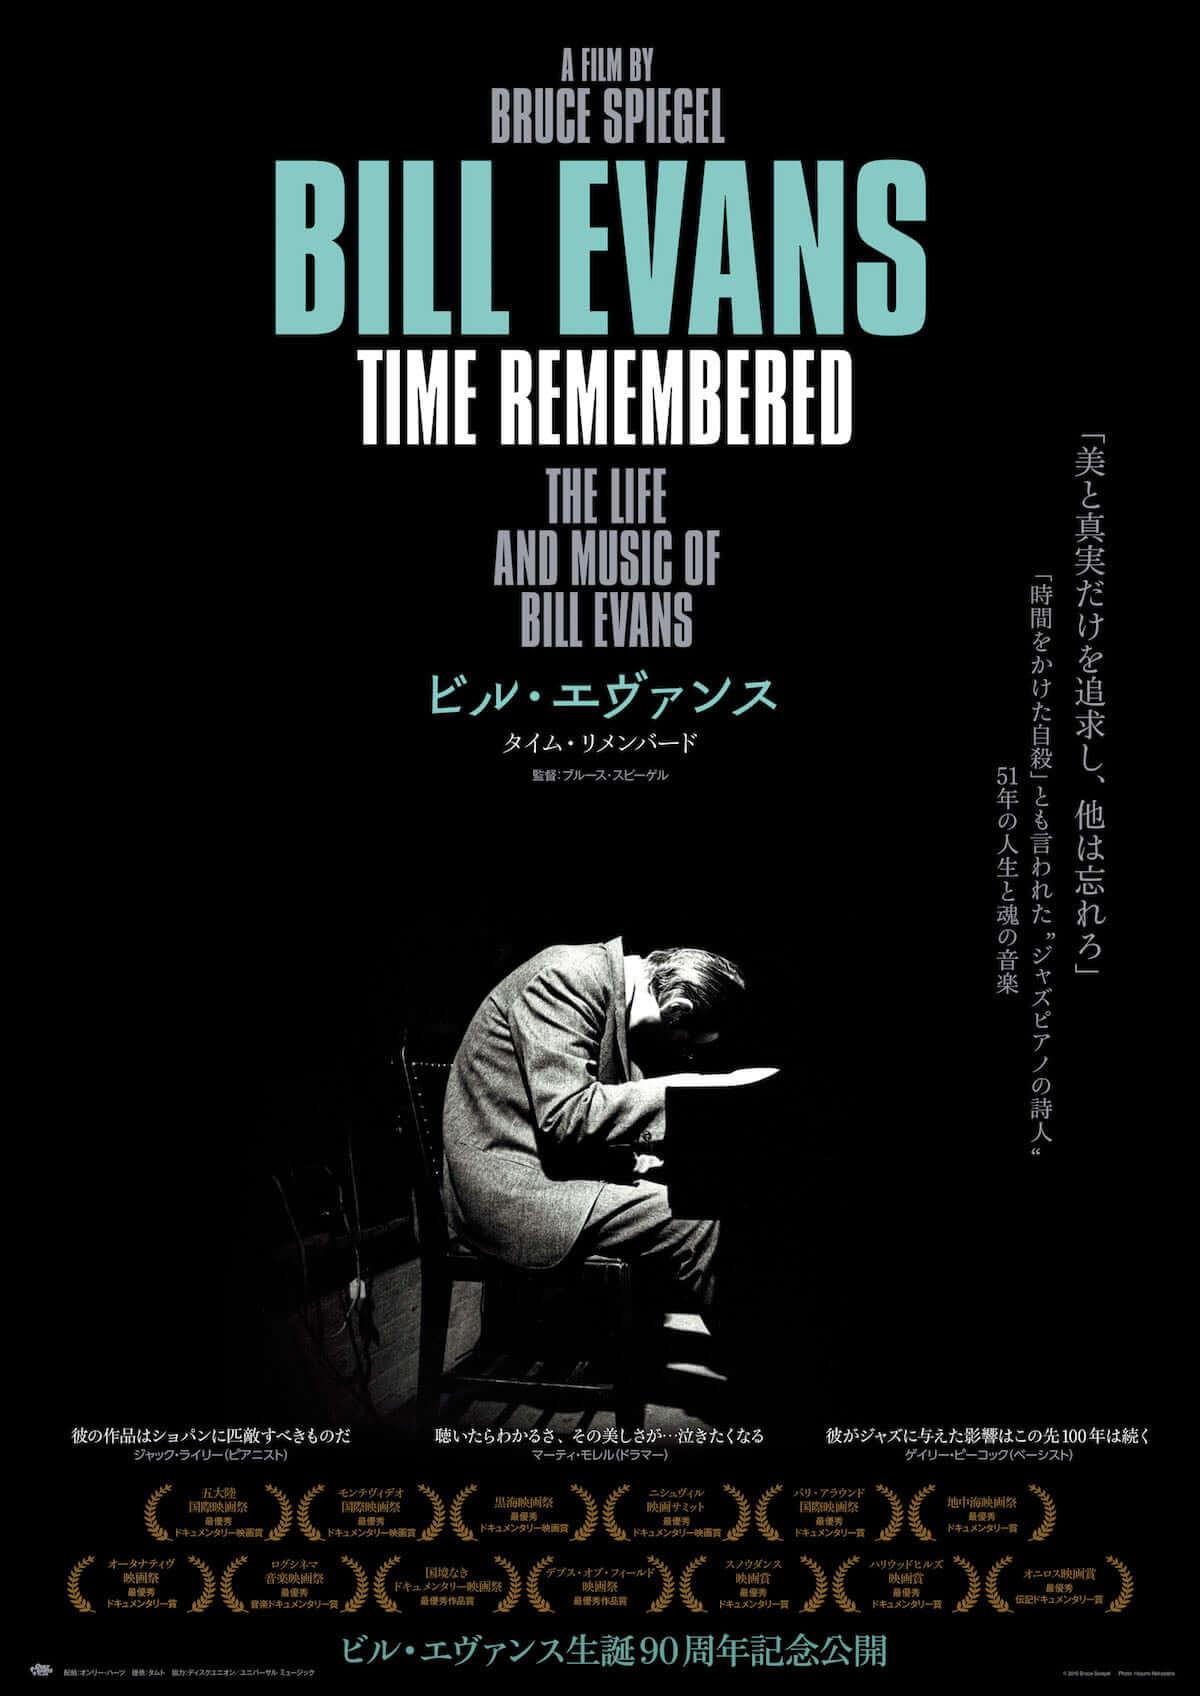 """""""ジャズピアノの詩人""""ビル・エヴァンスのドキュメンタリー映画『ビル・エヴァンス タイム・リメンバード』の予告編を解禁 film190403_billevans_1-1200x1696"""